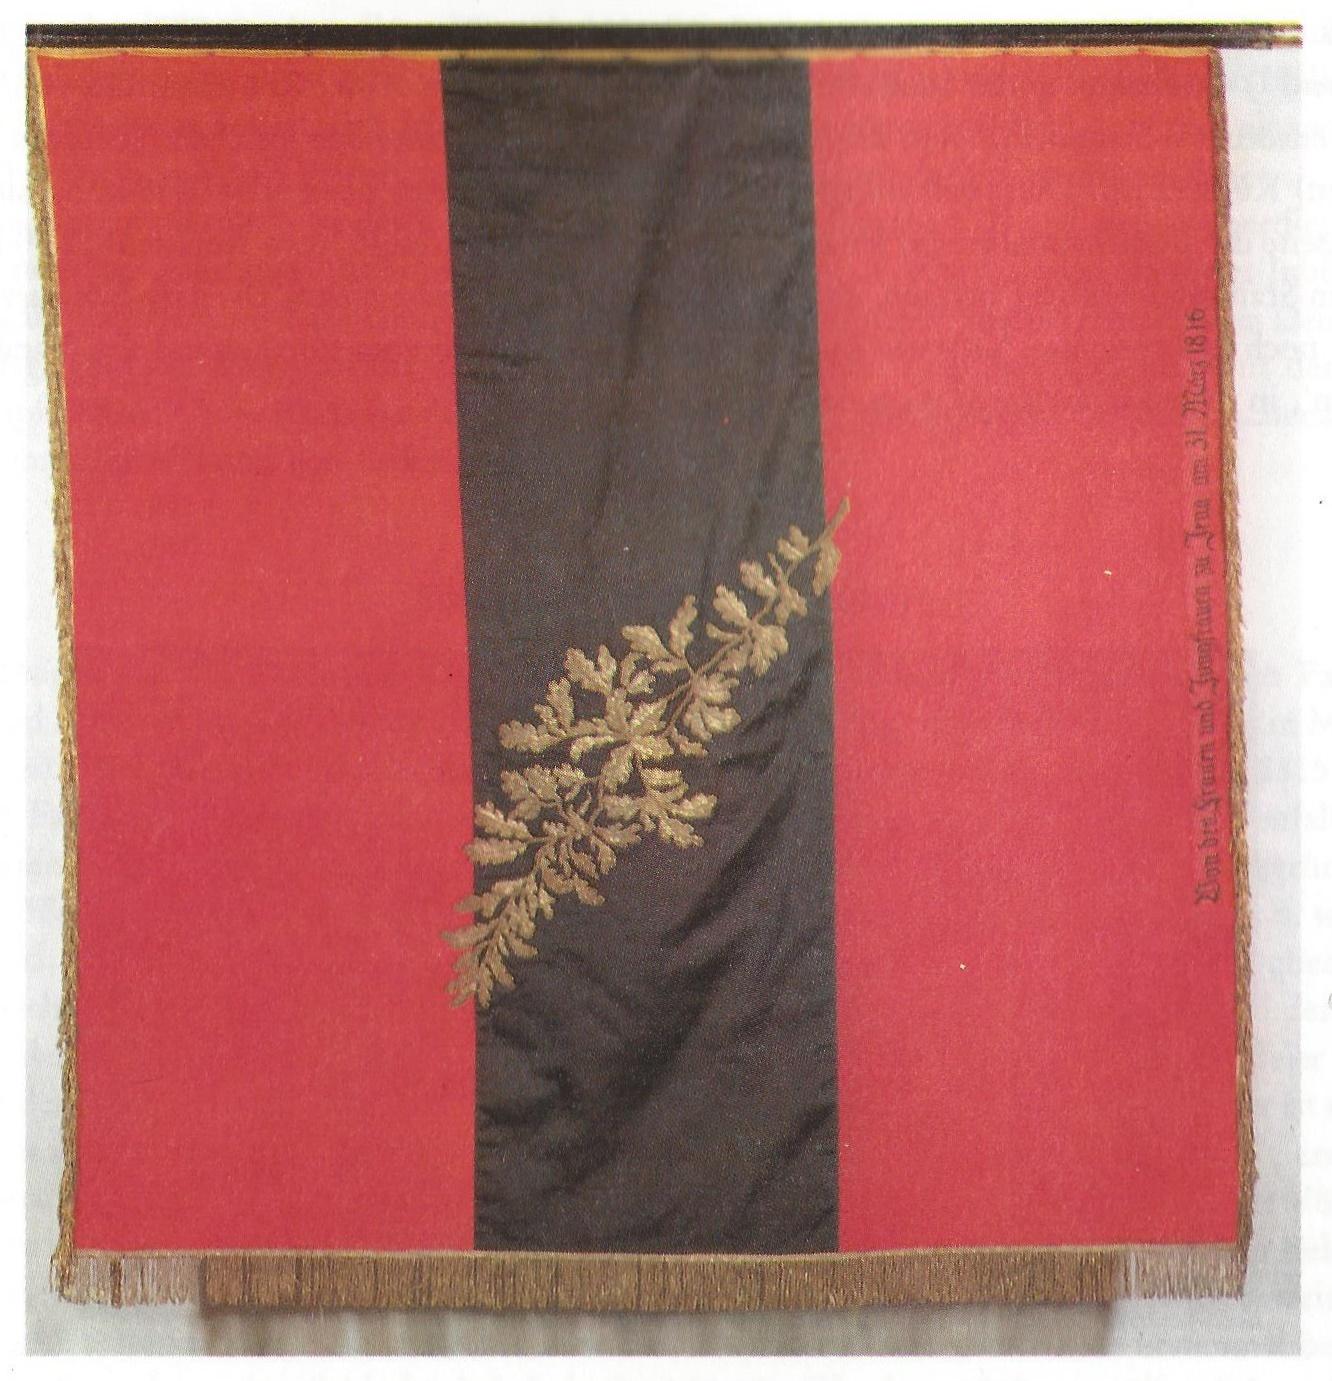 Replikat der Fahne der Urburschenschaft von 1816